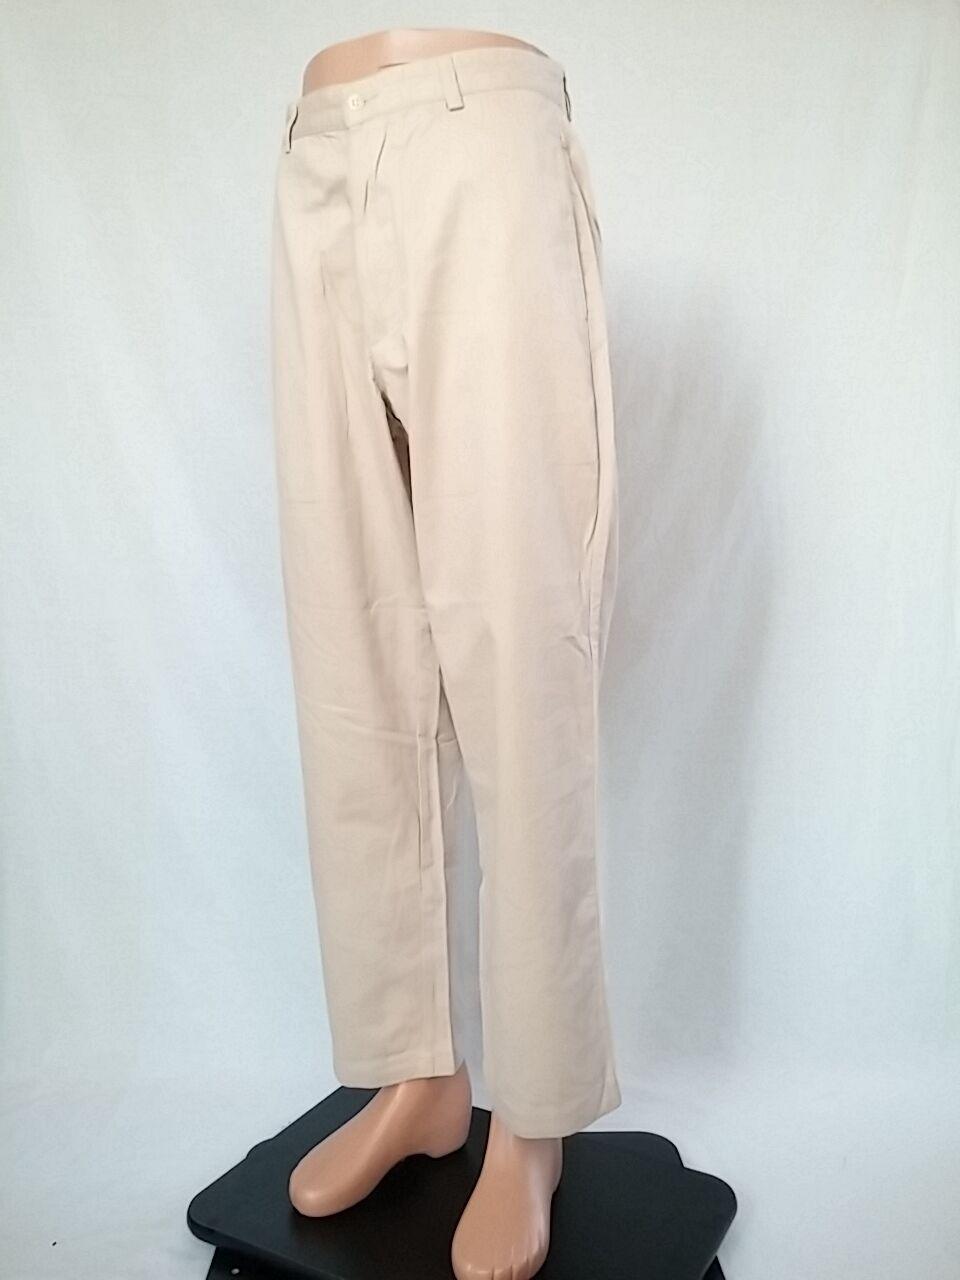 RALPH LAUREN Men's Beige Casual Vtg Retro Striped Trousers Pants sz 31x30 AR10